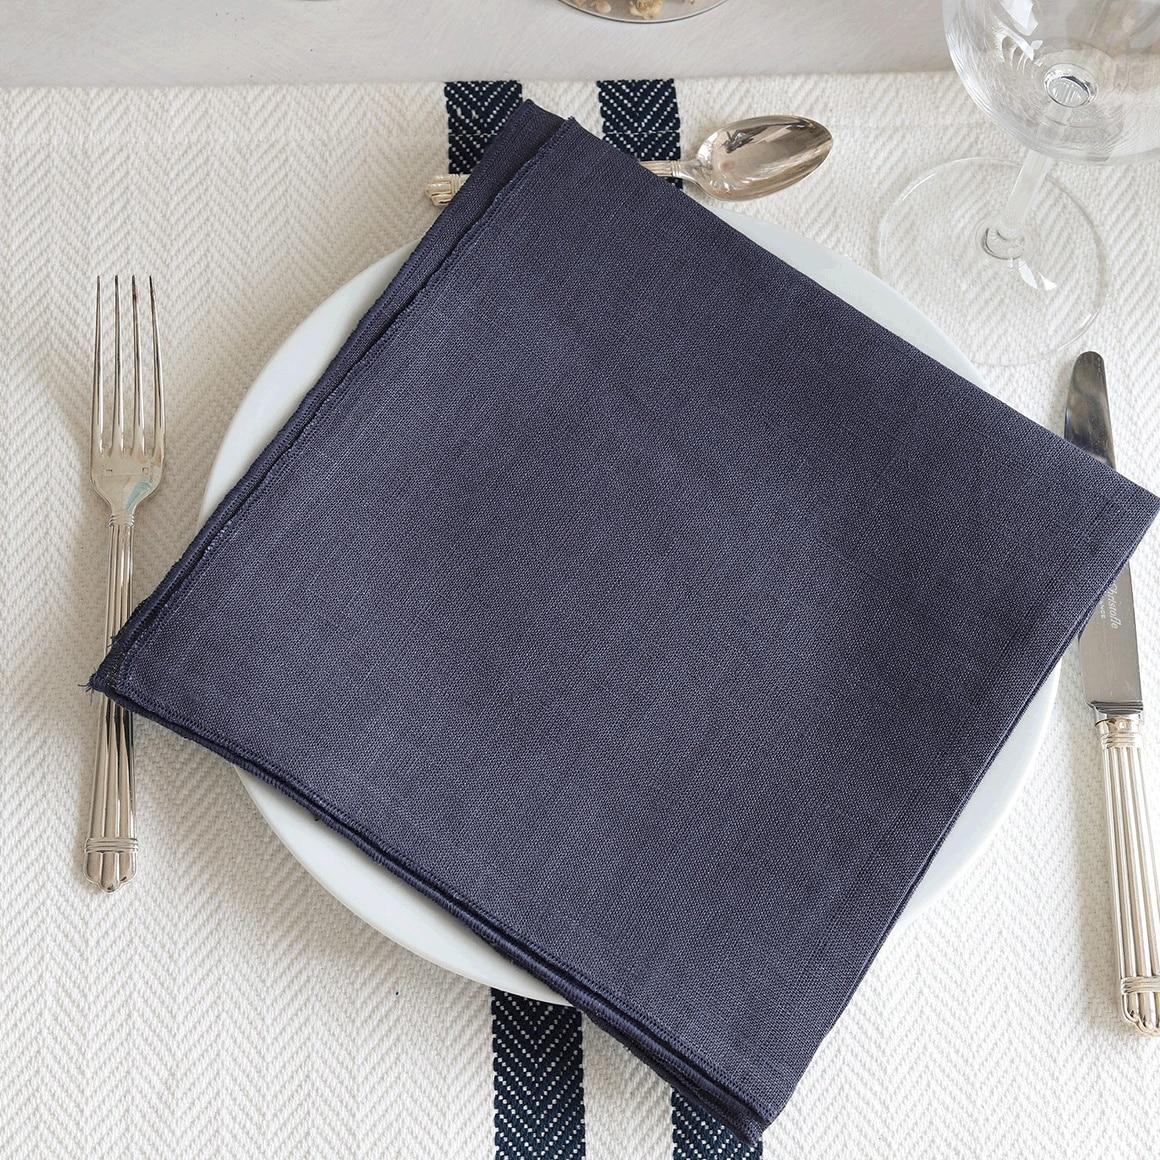 Stoffserviette aus Leinen in Blau für die Tischdekoration und für Feste. Die Serviette ist strapazierfähig und hohe Qualität. Servietten vonline kaufen bei Soulbirdee Onlineshop